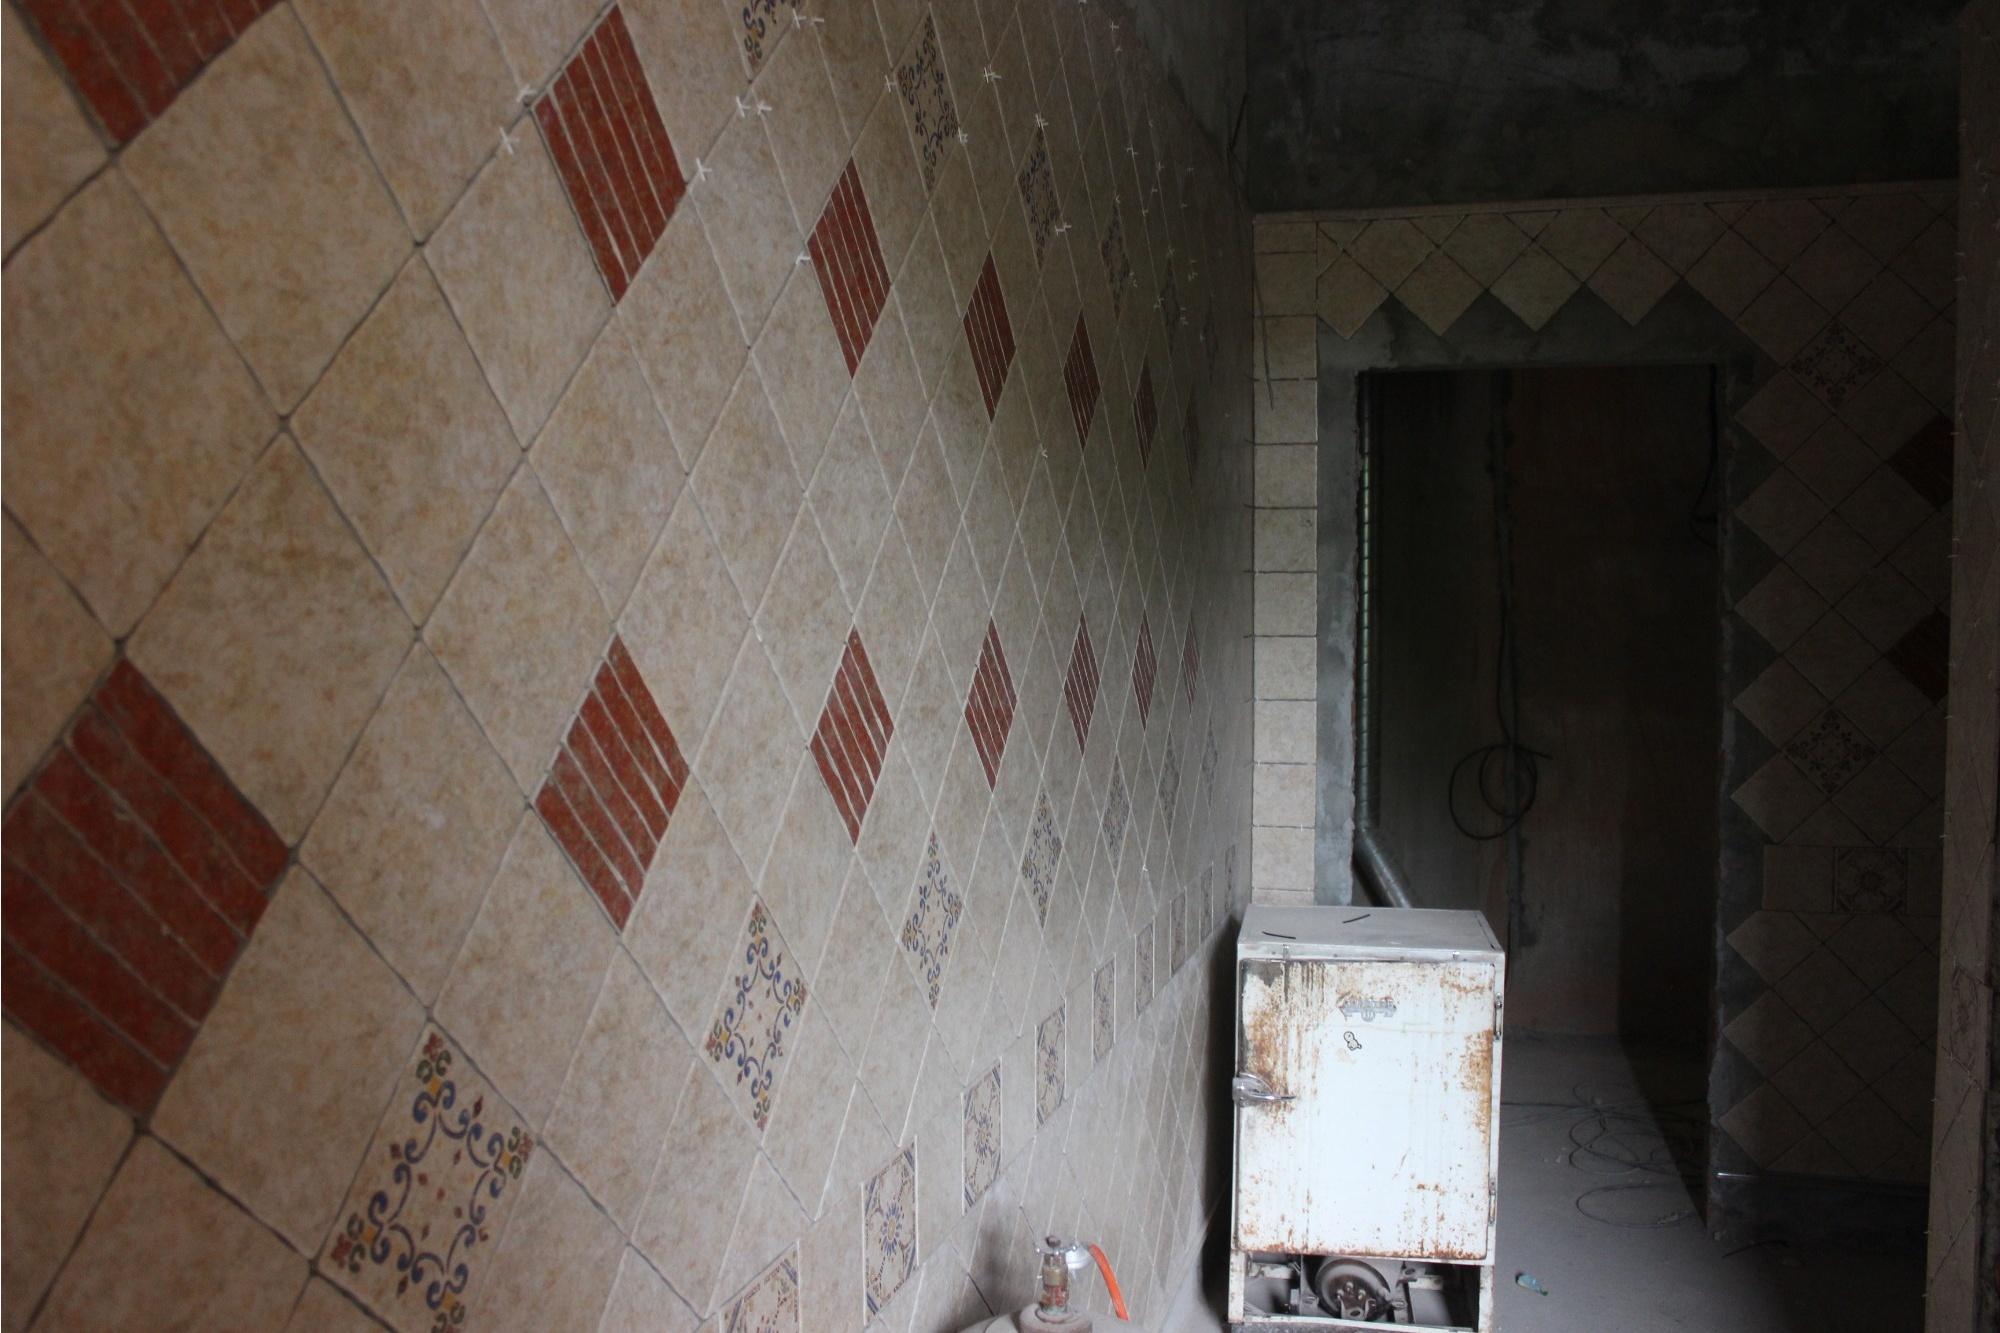 Элементы отделки будущей бани. Фото Стаса Соколова